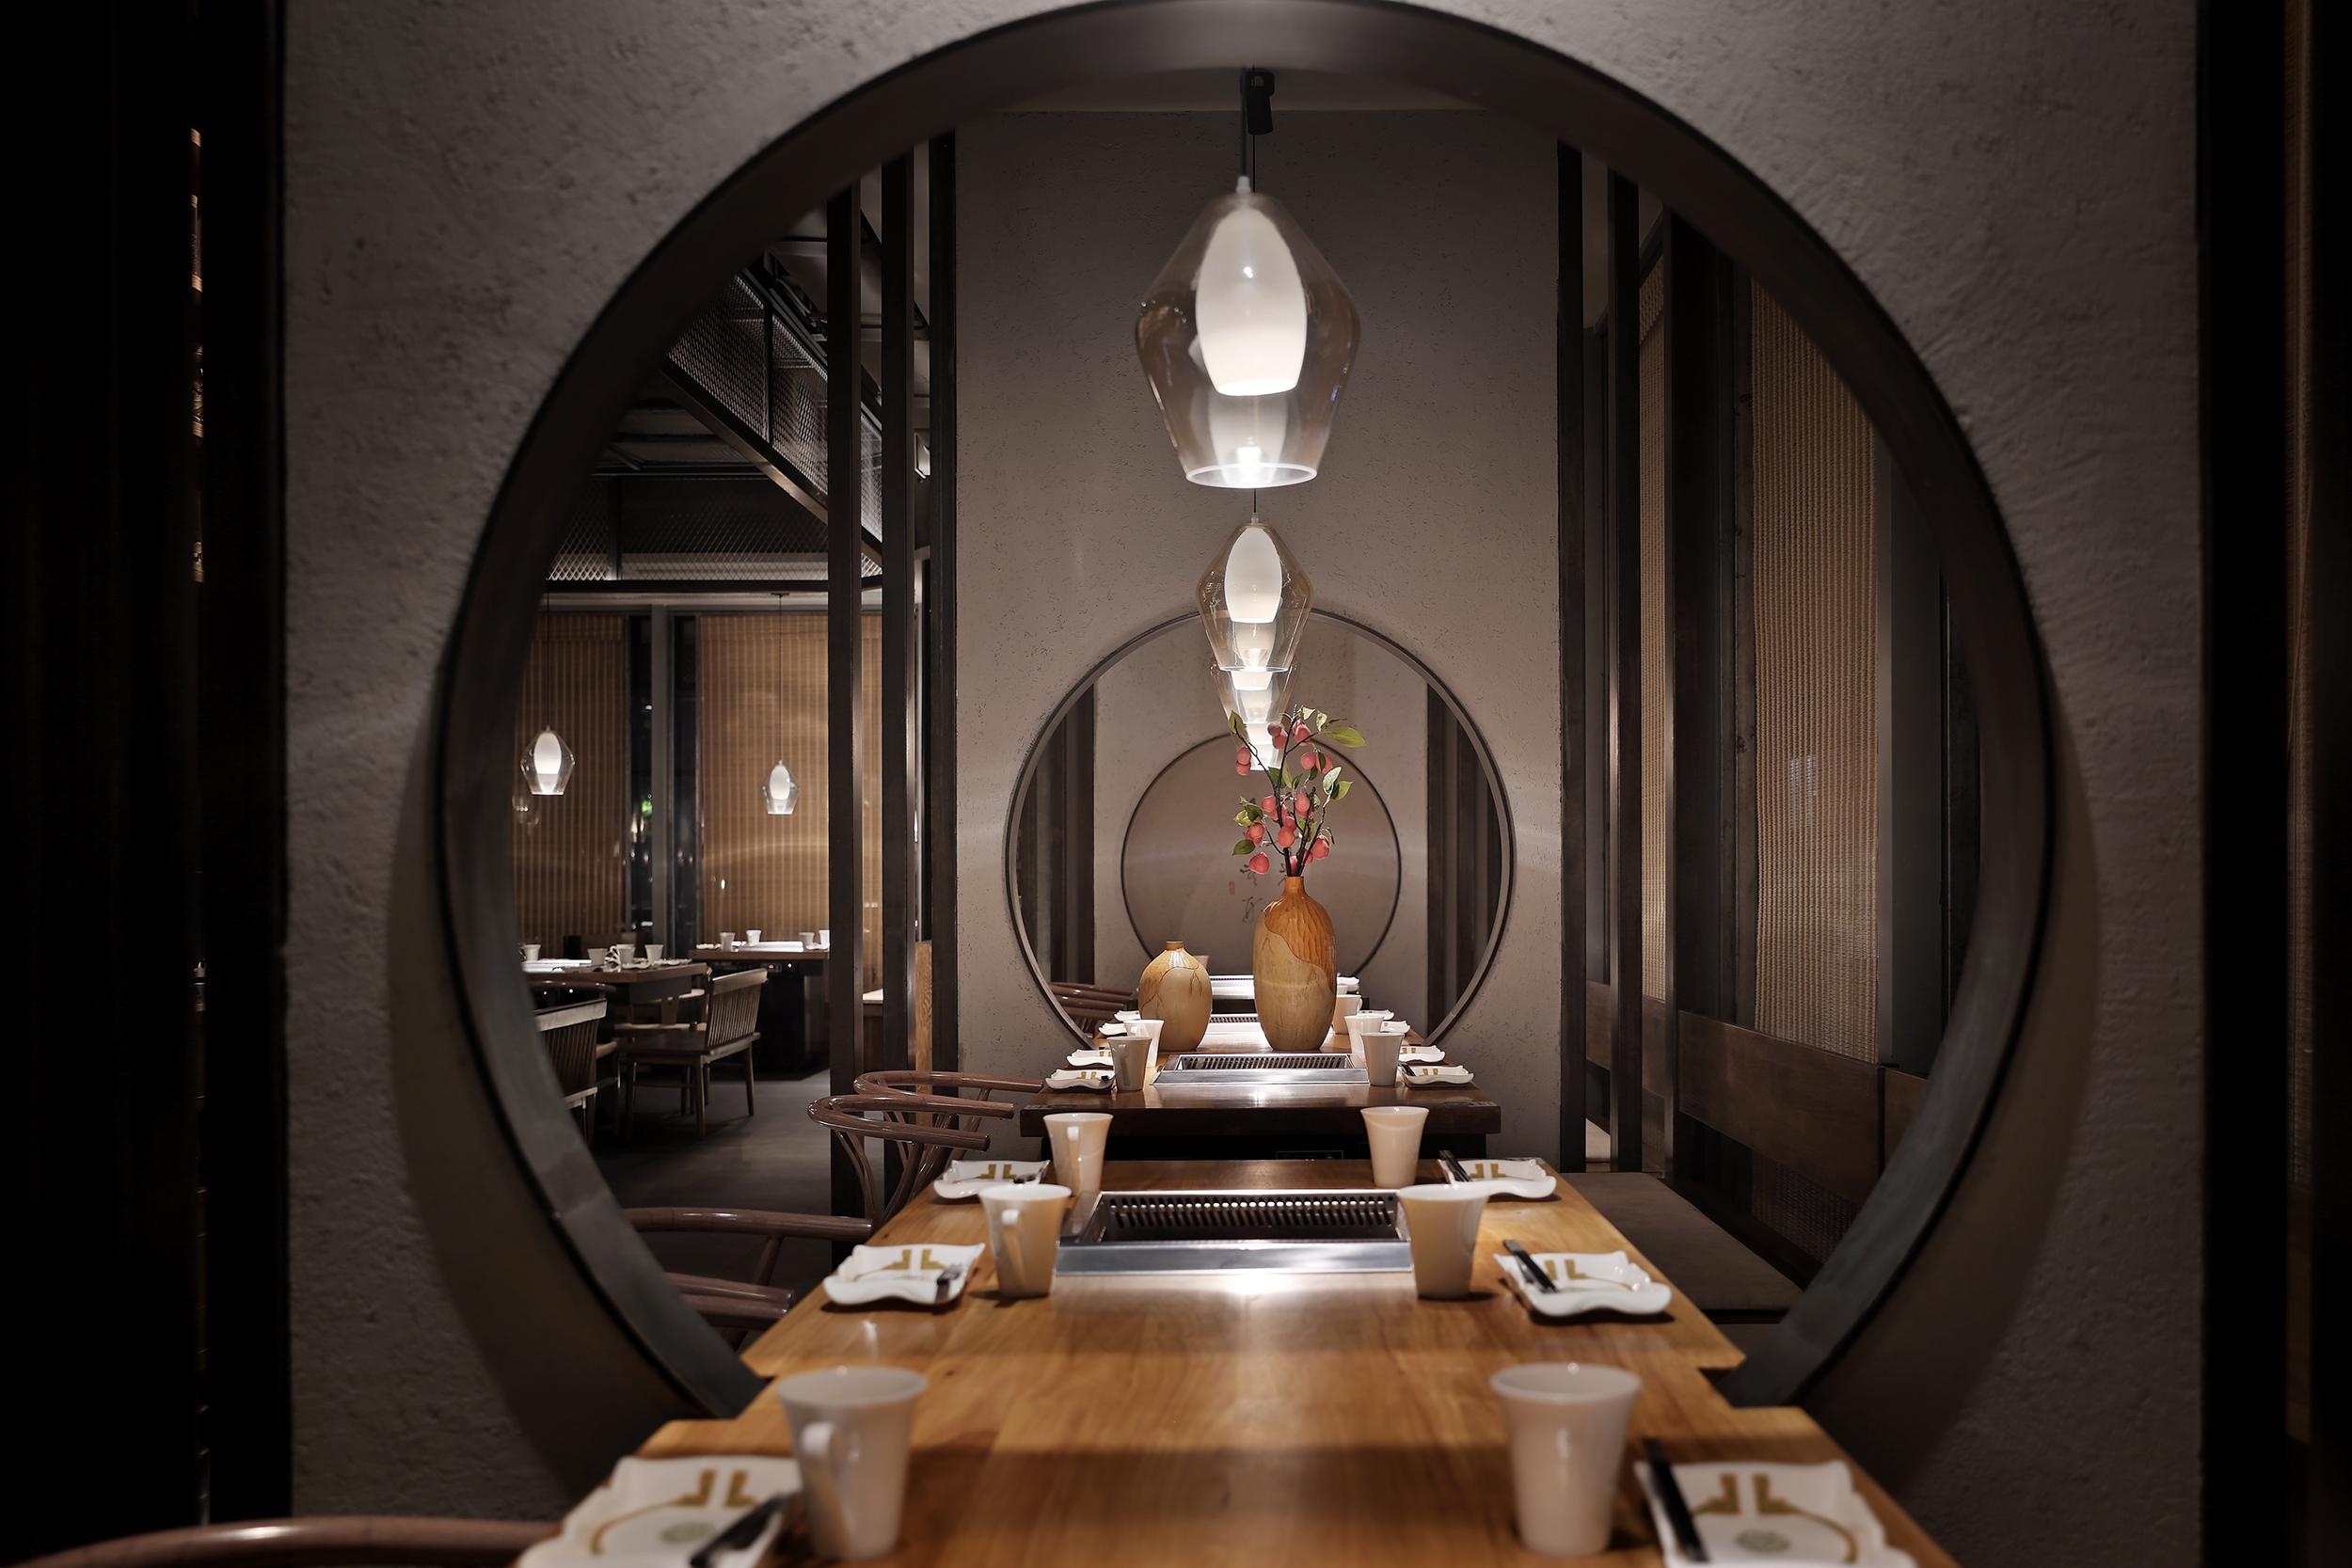 餐厅设计·火锅空间设计:大妙火锅,妙不可言的中式意境空间